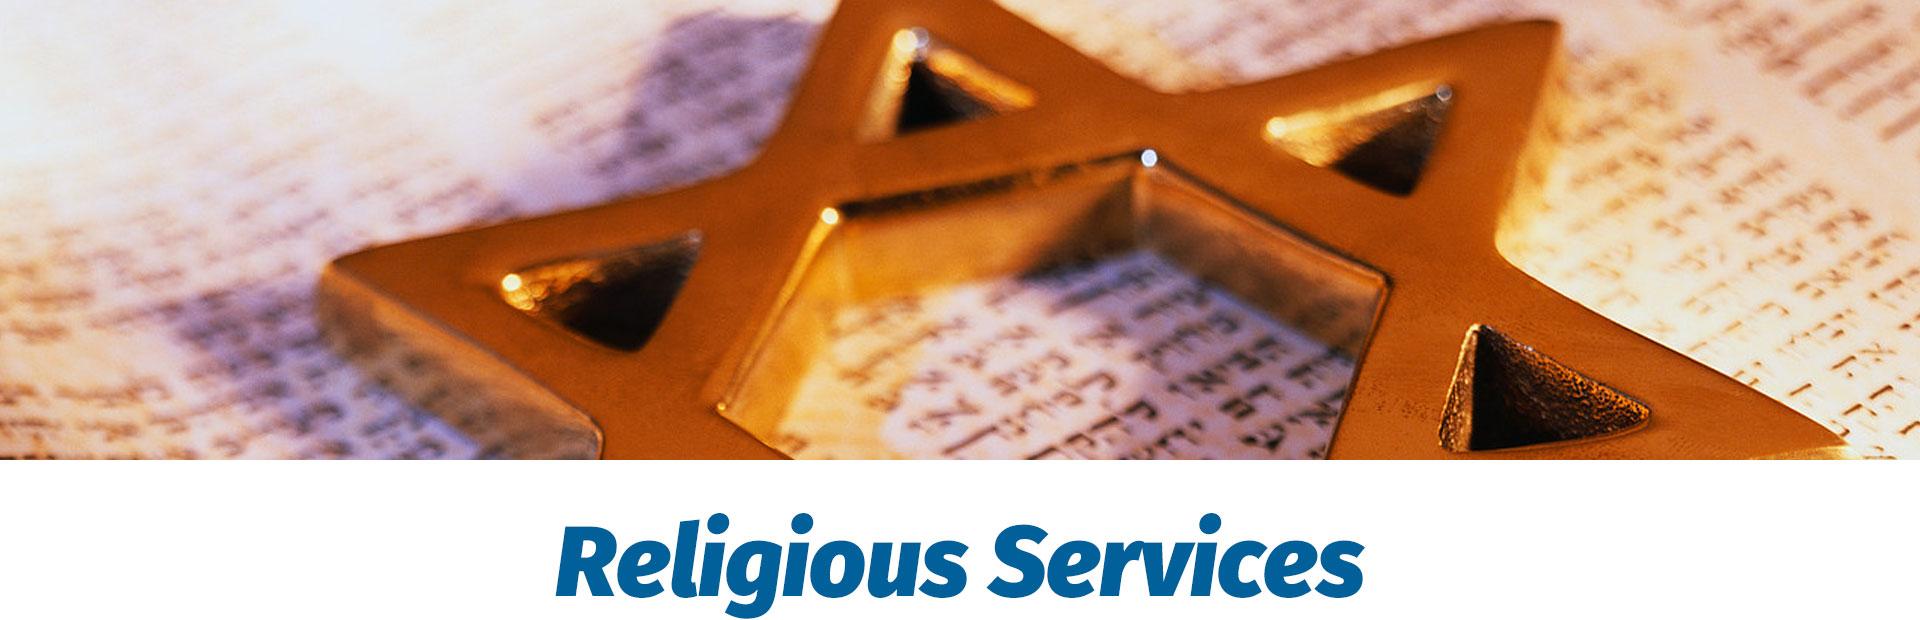 kleinlife religious services, kleinlife shabbat, shabbat services kleinlife